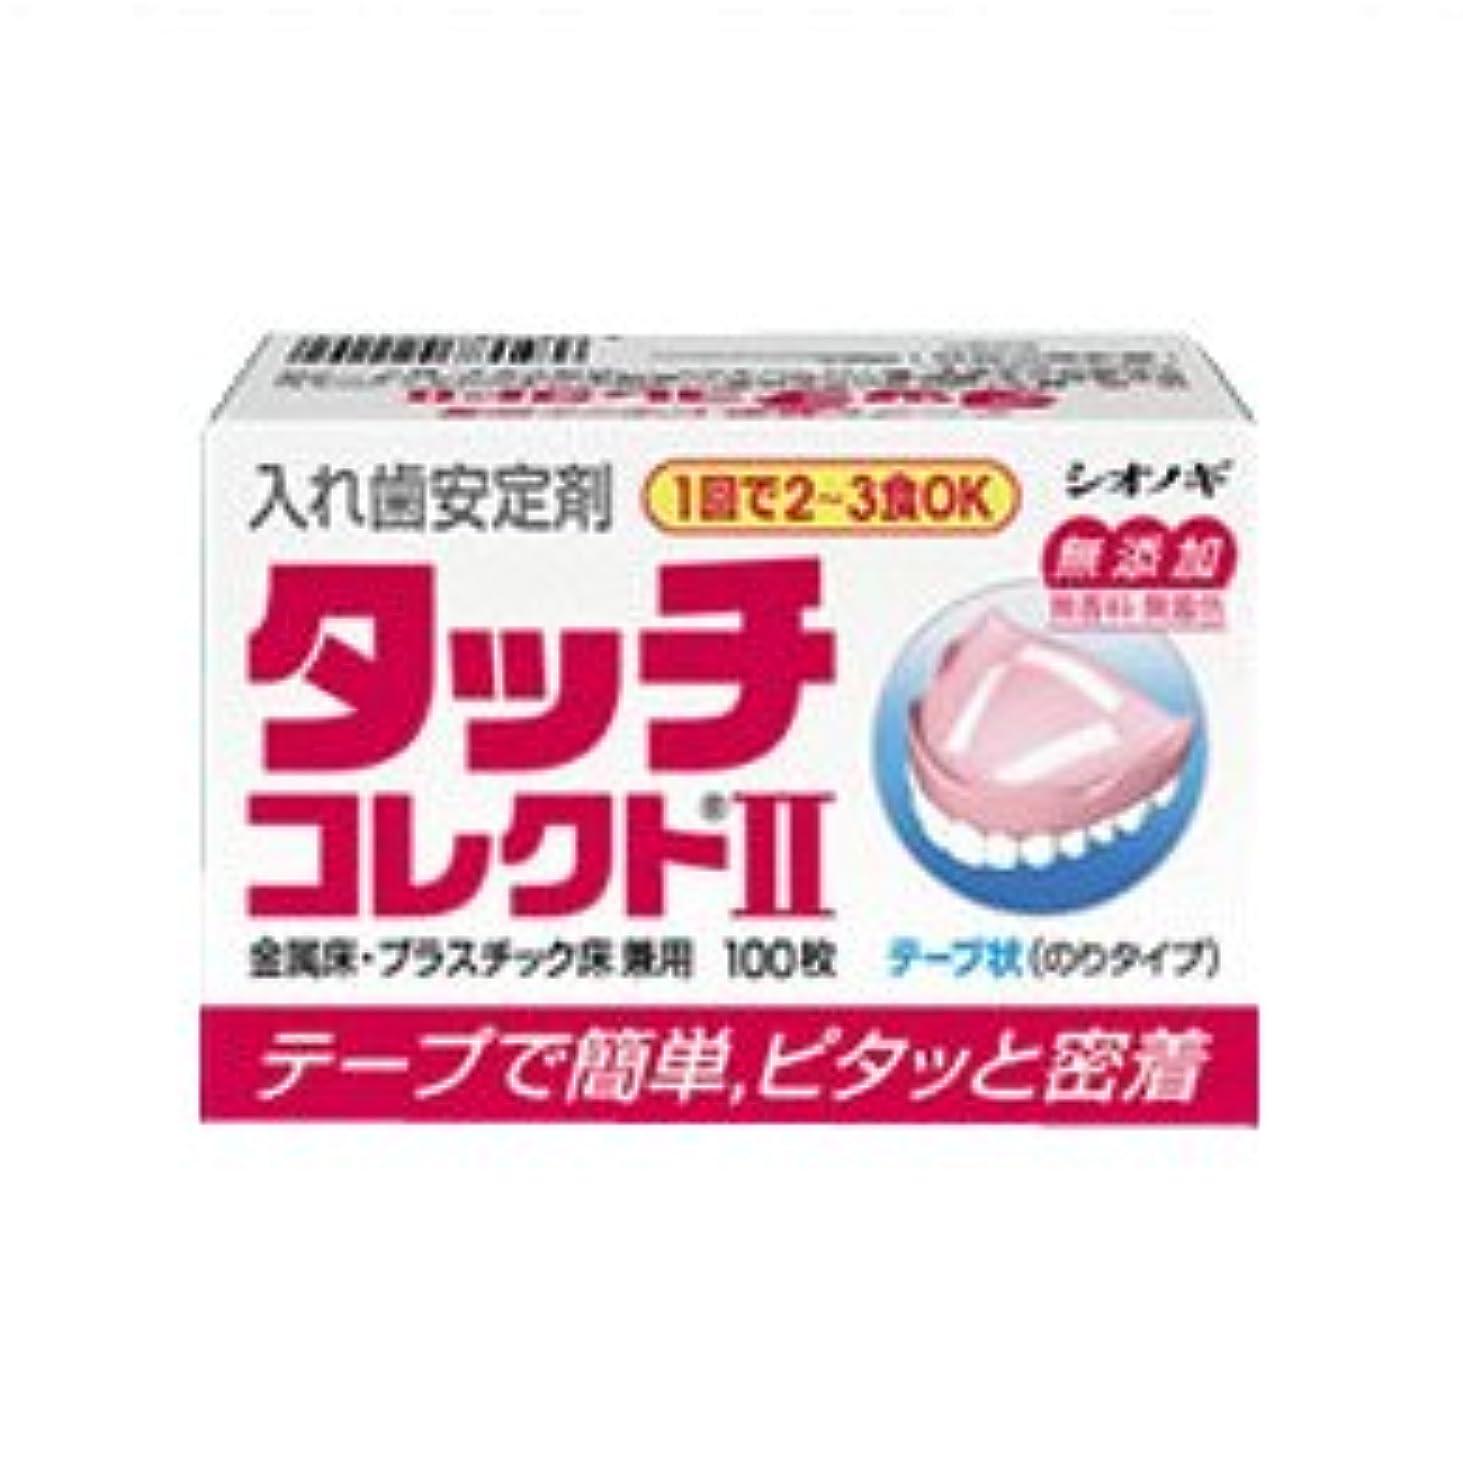 消費する批評講堂シオノギ製薬 タッチコレクト2 テープ状 のりタイプ 100枚入